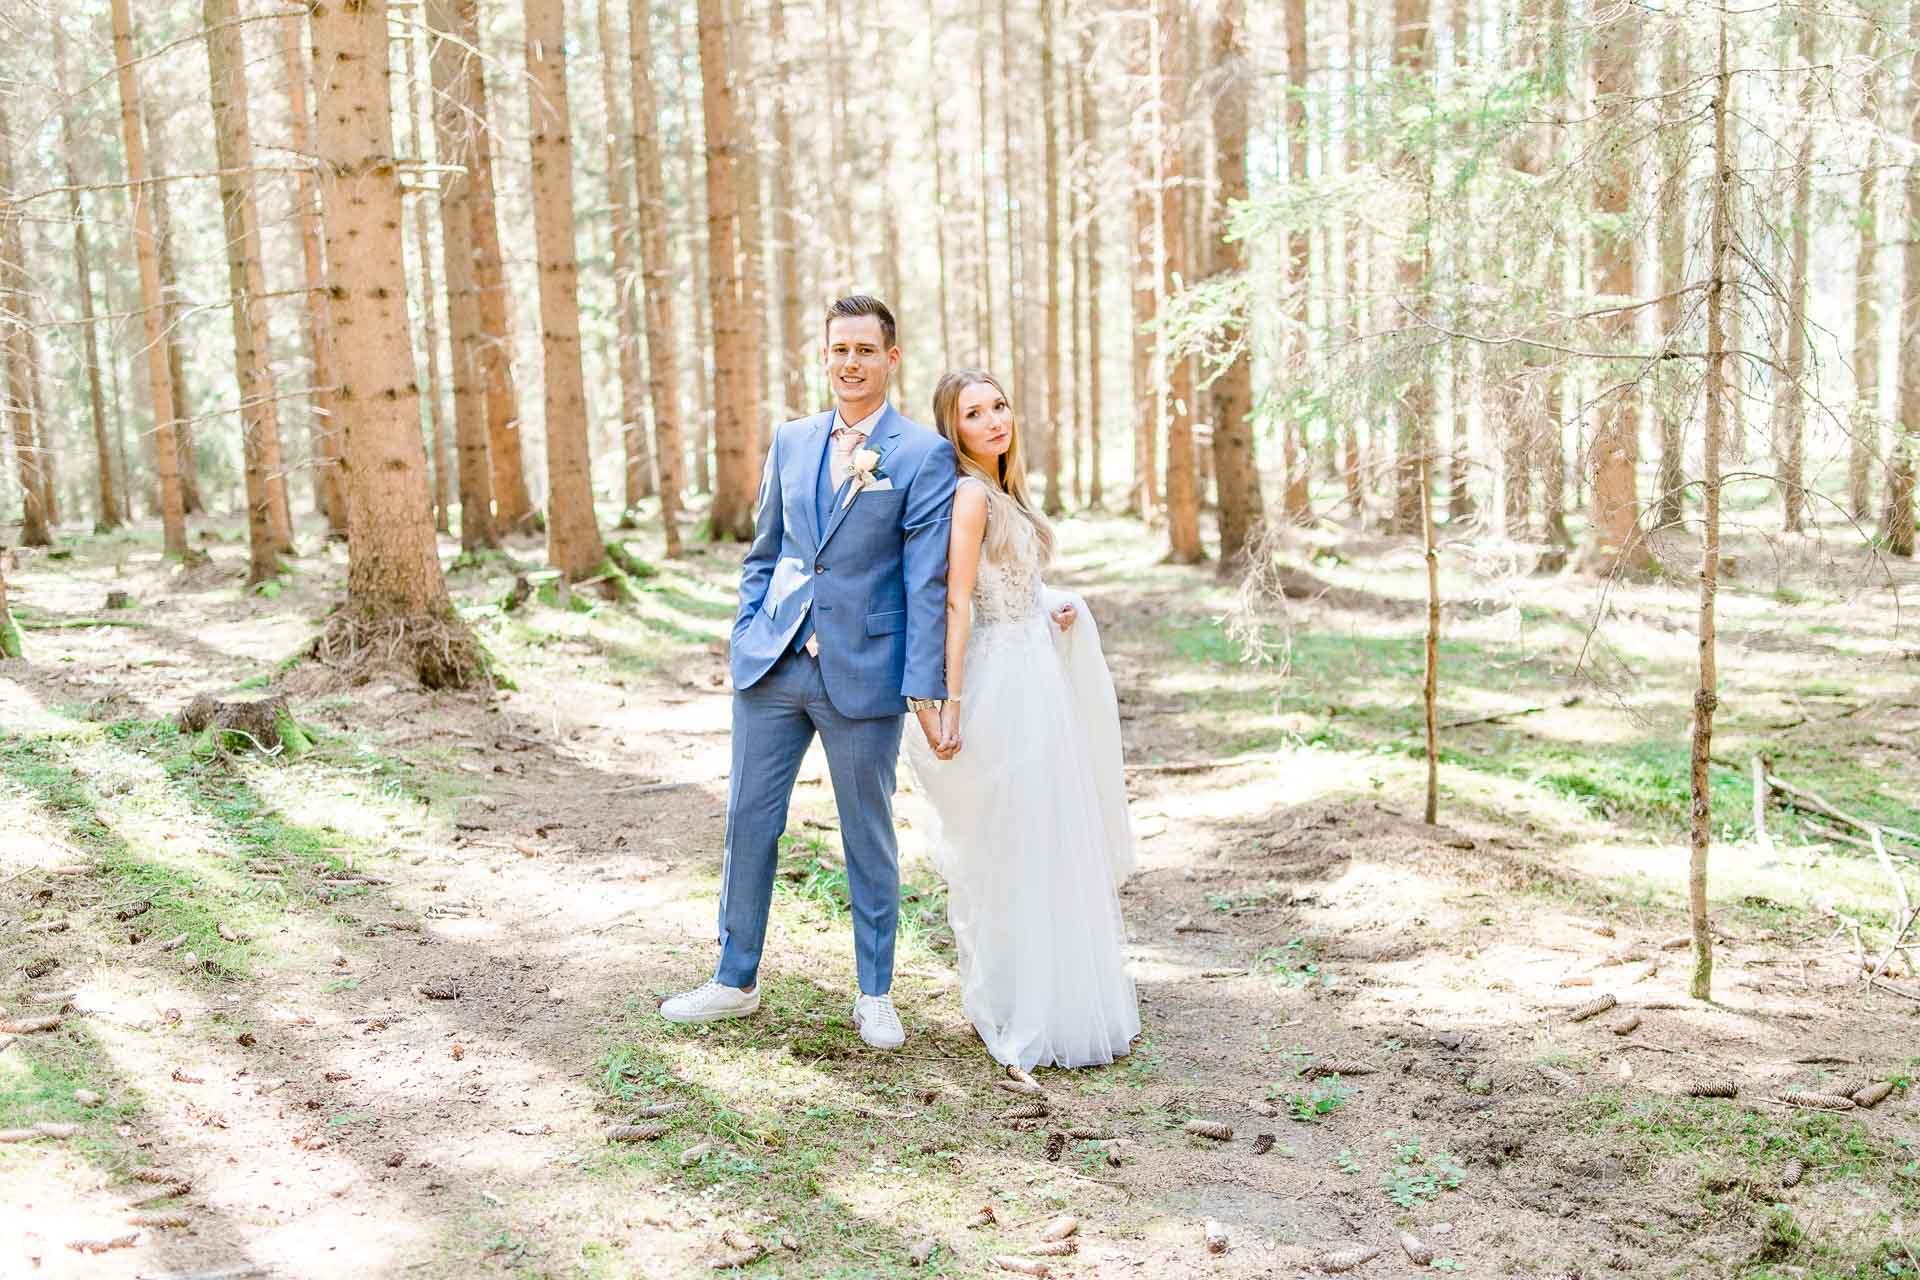 Hochzeit Niederösterreich heiraten Bohohochzeit Vintagehochzeit Brautkleid Pronovias Flossmann Hochzeitsanzug Joop First Look Österreich Wien